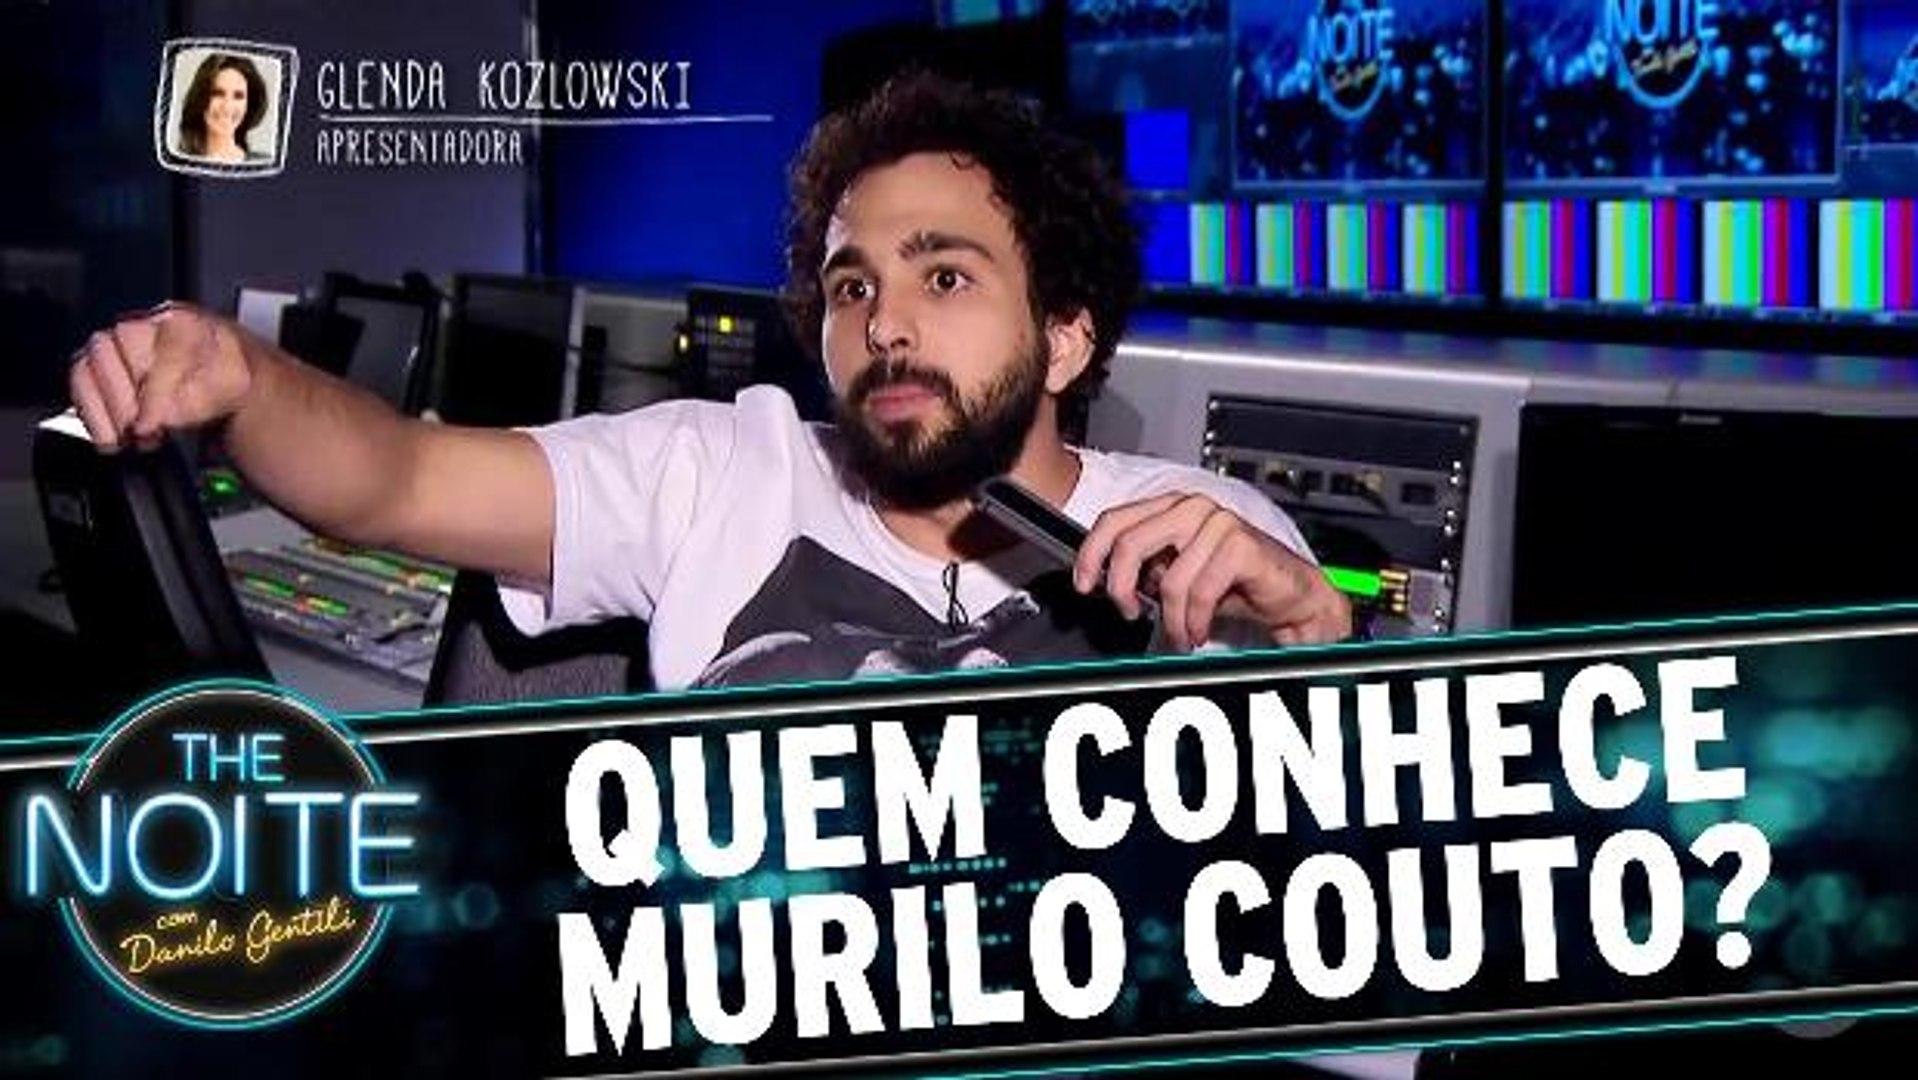 Quem Conhece Murilo Couto?: Glenda Kozlowski e Roberto Justus